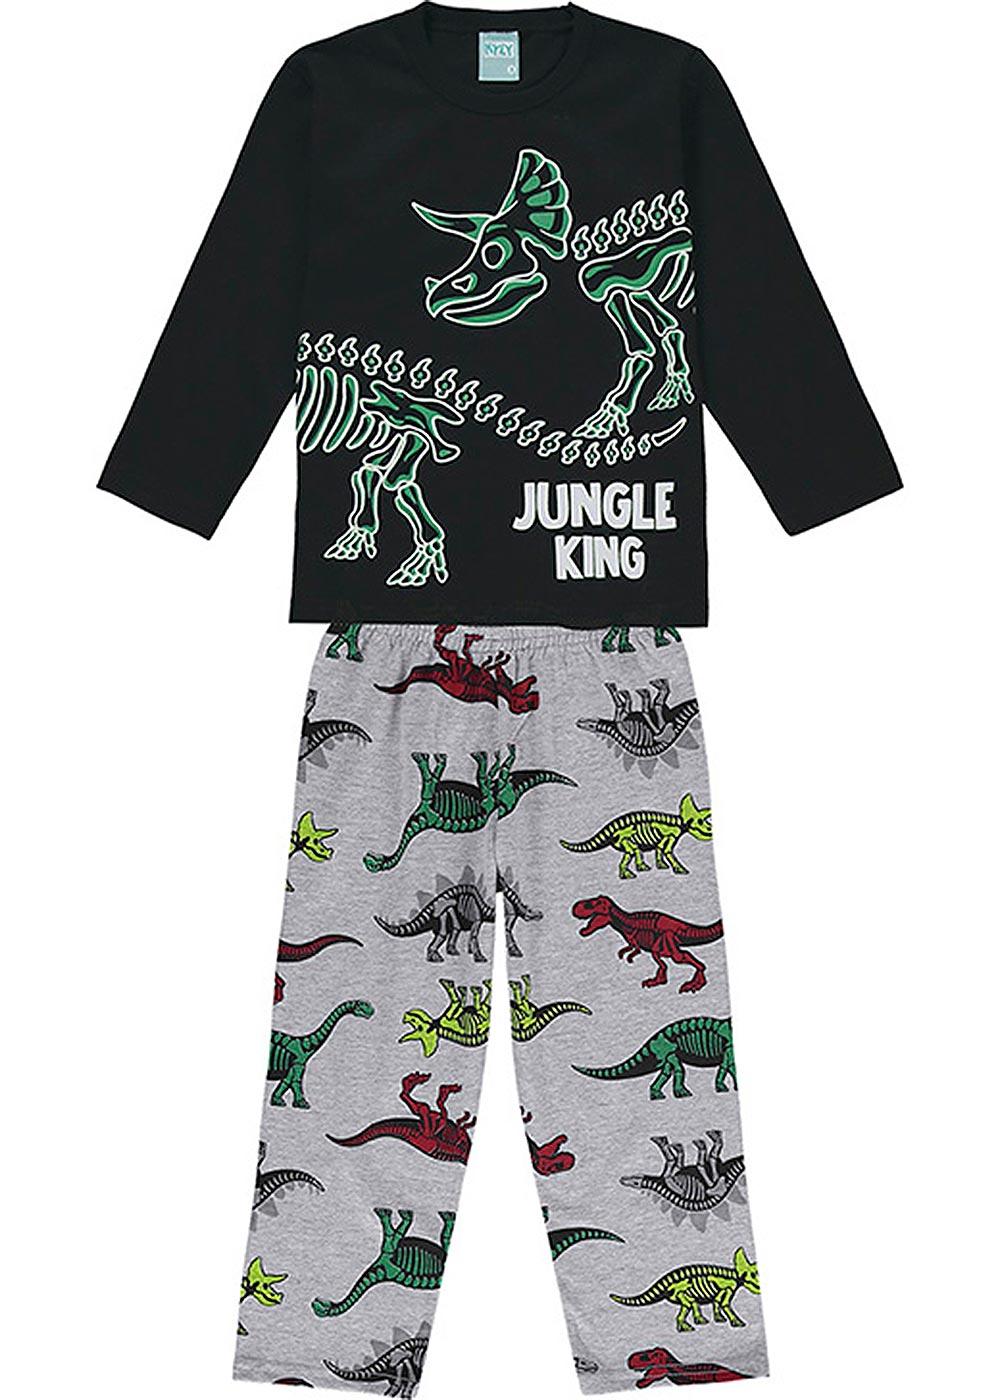 Pijama Infantil Masculino Inverno Preto Jungle King Brilha no Escuro - Kyly